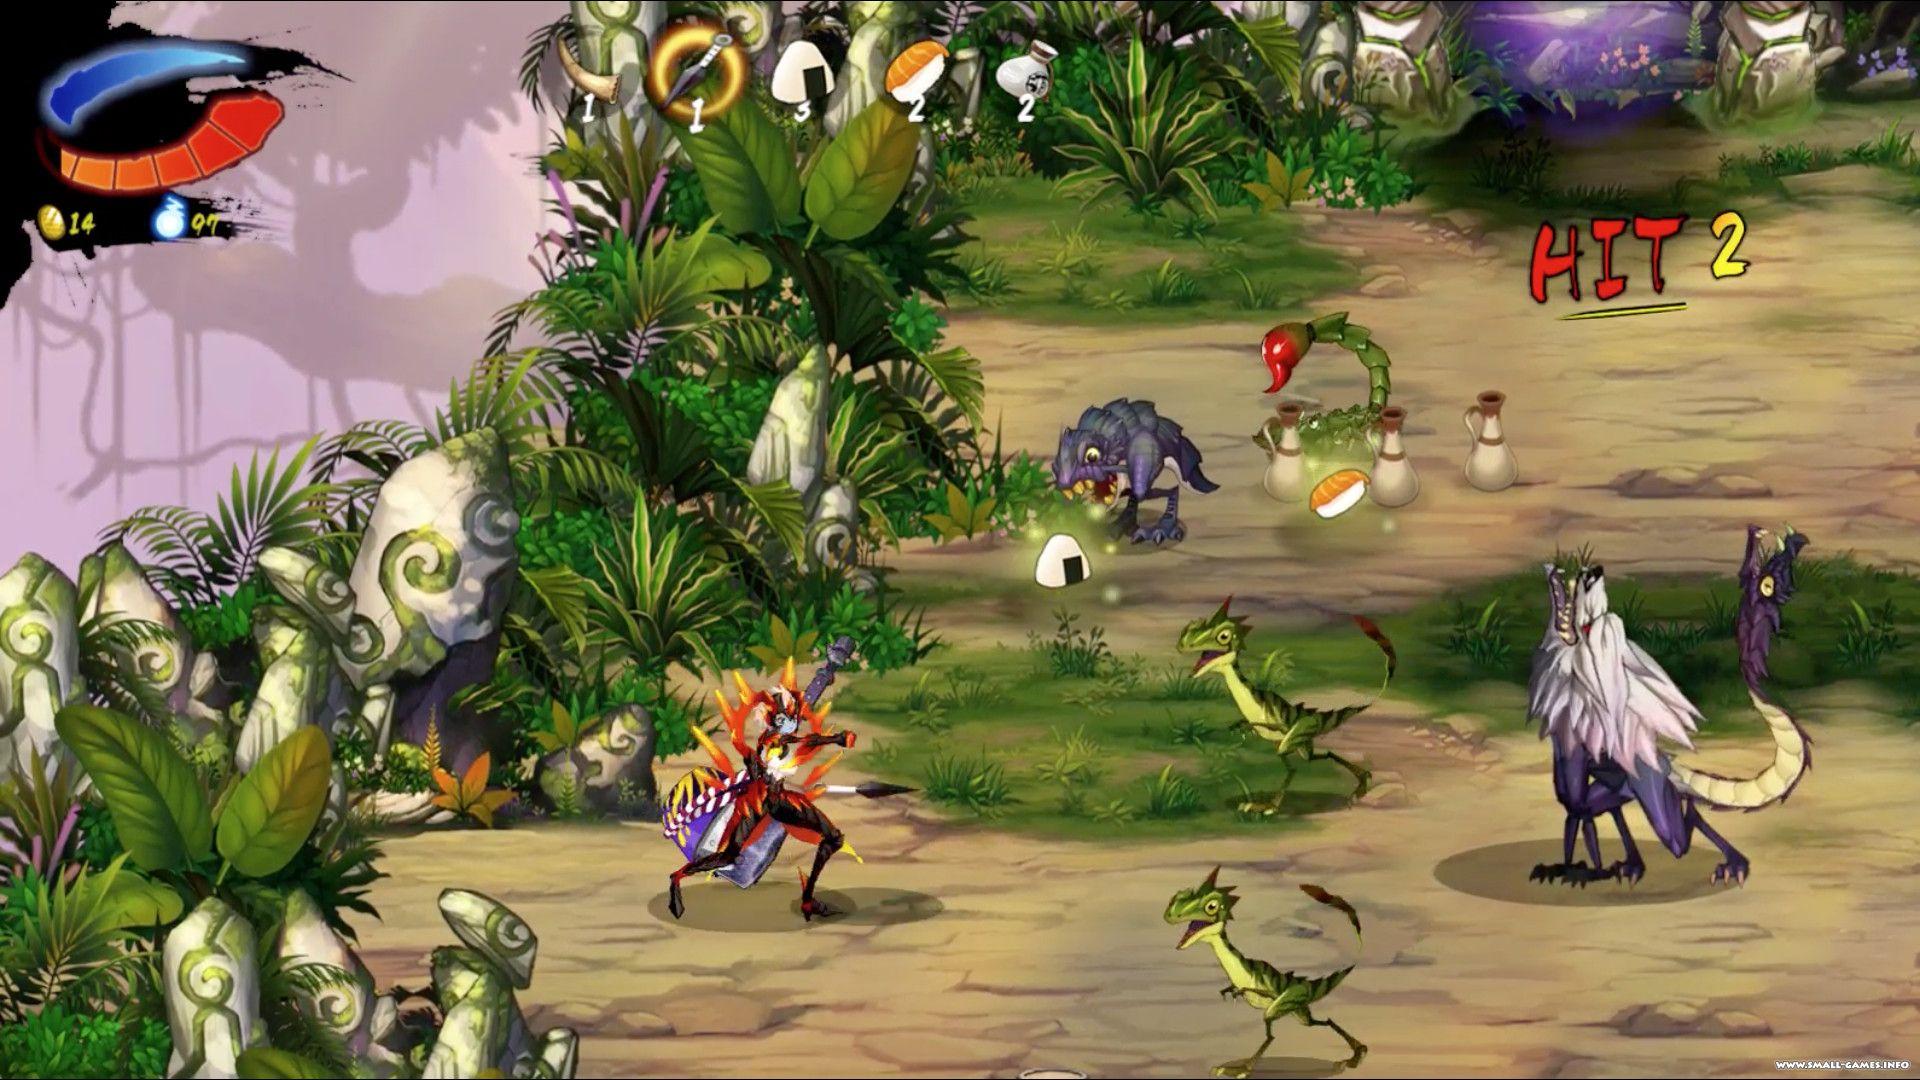 Fight the dragon скачать торрент | ecgrafap | pinterest | dragons.